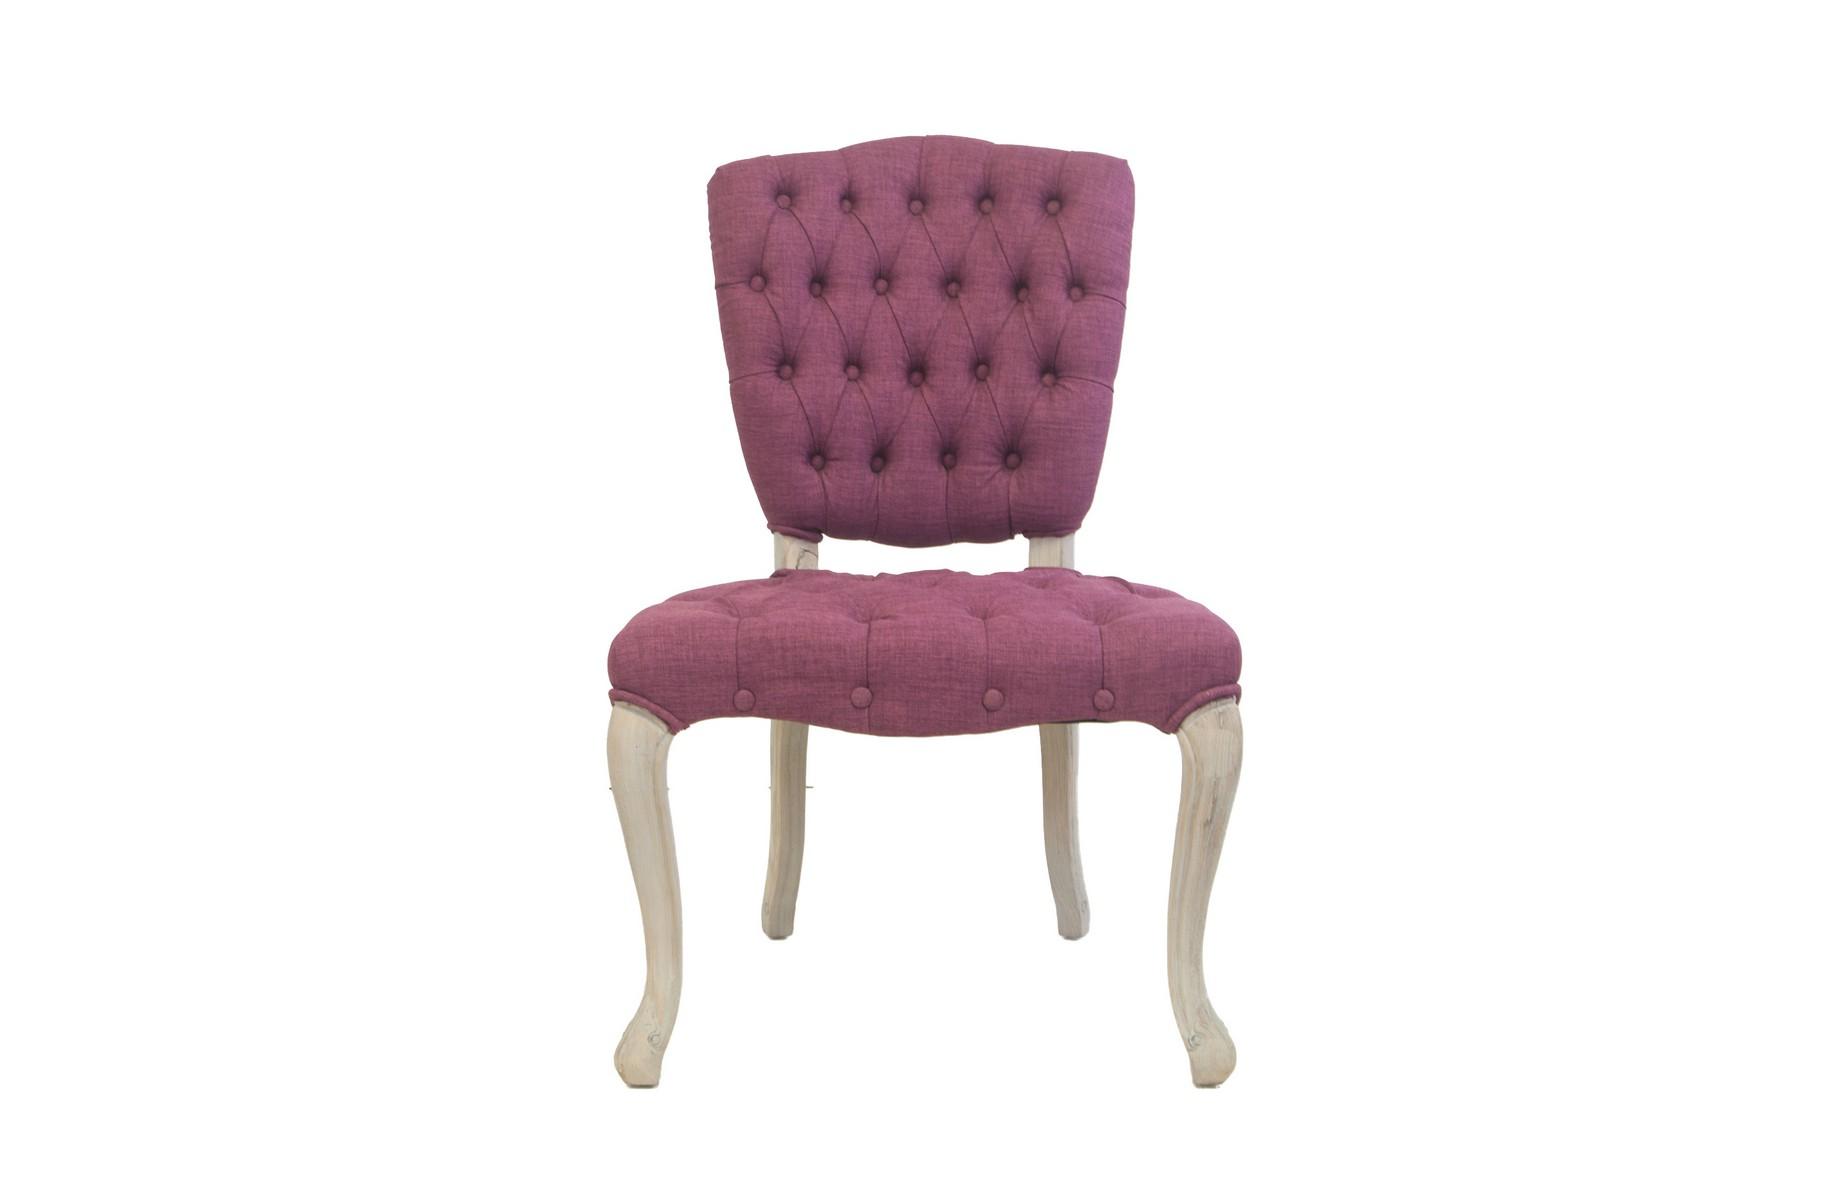 Стул Gamila violetОбеденные стулья<br>Классическая модель, дань уважения французским традициям. Эта модель так же удобна, как и элегантна. Спинка стула украшена декоративной стежкой. Каркас выполнен из массива дуба. Стул станет как прекрасным дополнением к туалетному столику, так и отлично будет смотреться в кухне-столовой.&amp;lt;div&amp;gt;&amp;lt;br&amp;gt;&amp;lt;/div&amp;gt;&amp;lt;div&amp;gt;Материалы: лен, массив дуба&amp;lt;/div&amp;gt;<br><br>Material: Дуб<br>Ширина см: 61<br>Высота см: 100<br>Глубина см: 60